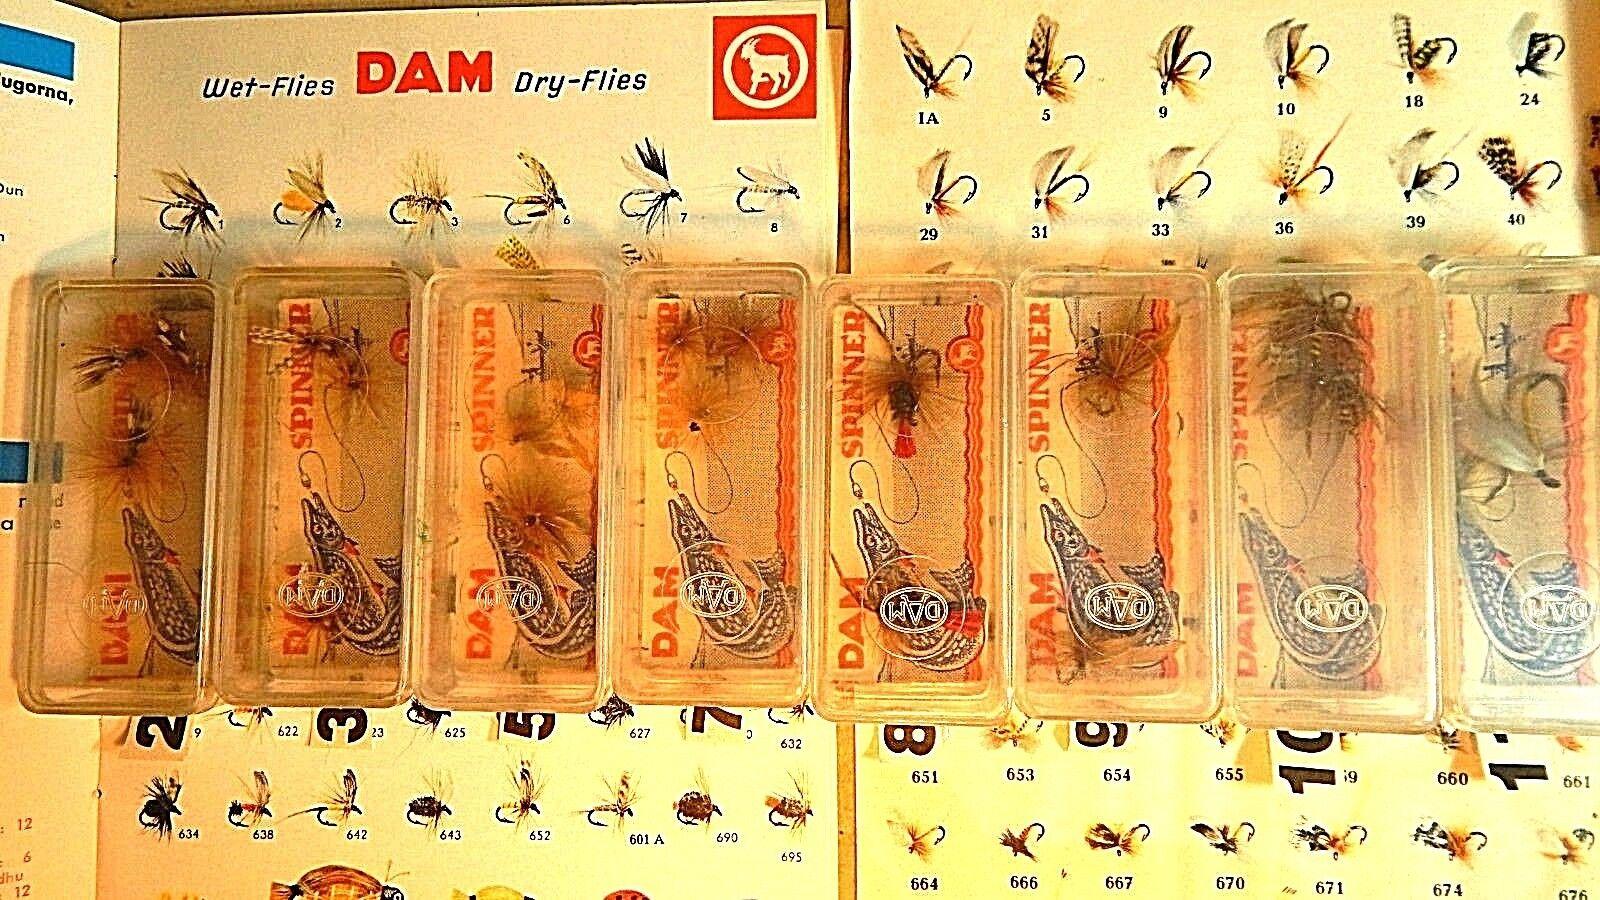 Rare 50s' German Vintage DAM fishing fly lureNOS in box 2,3,5,7,8,9,10,11NOS